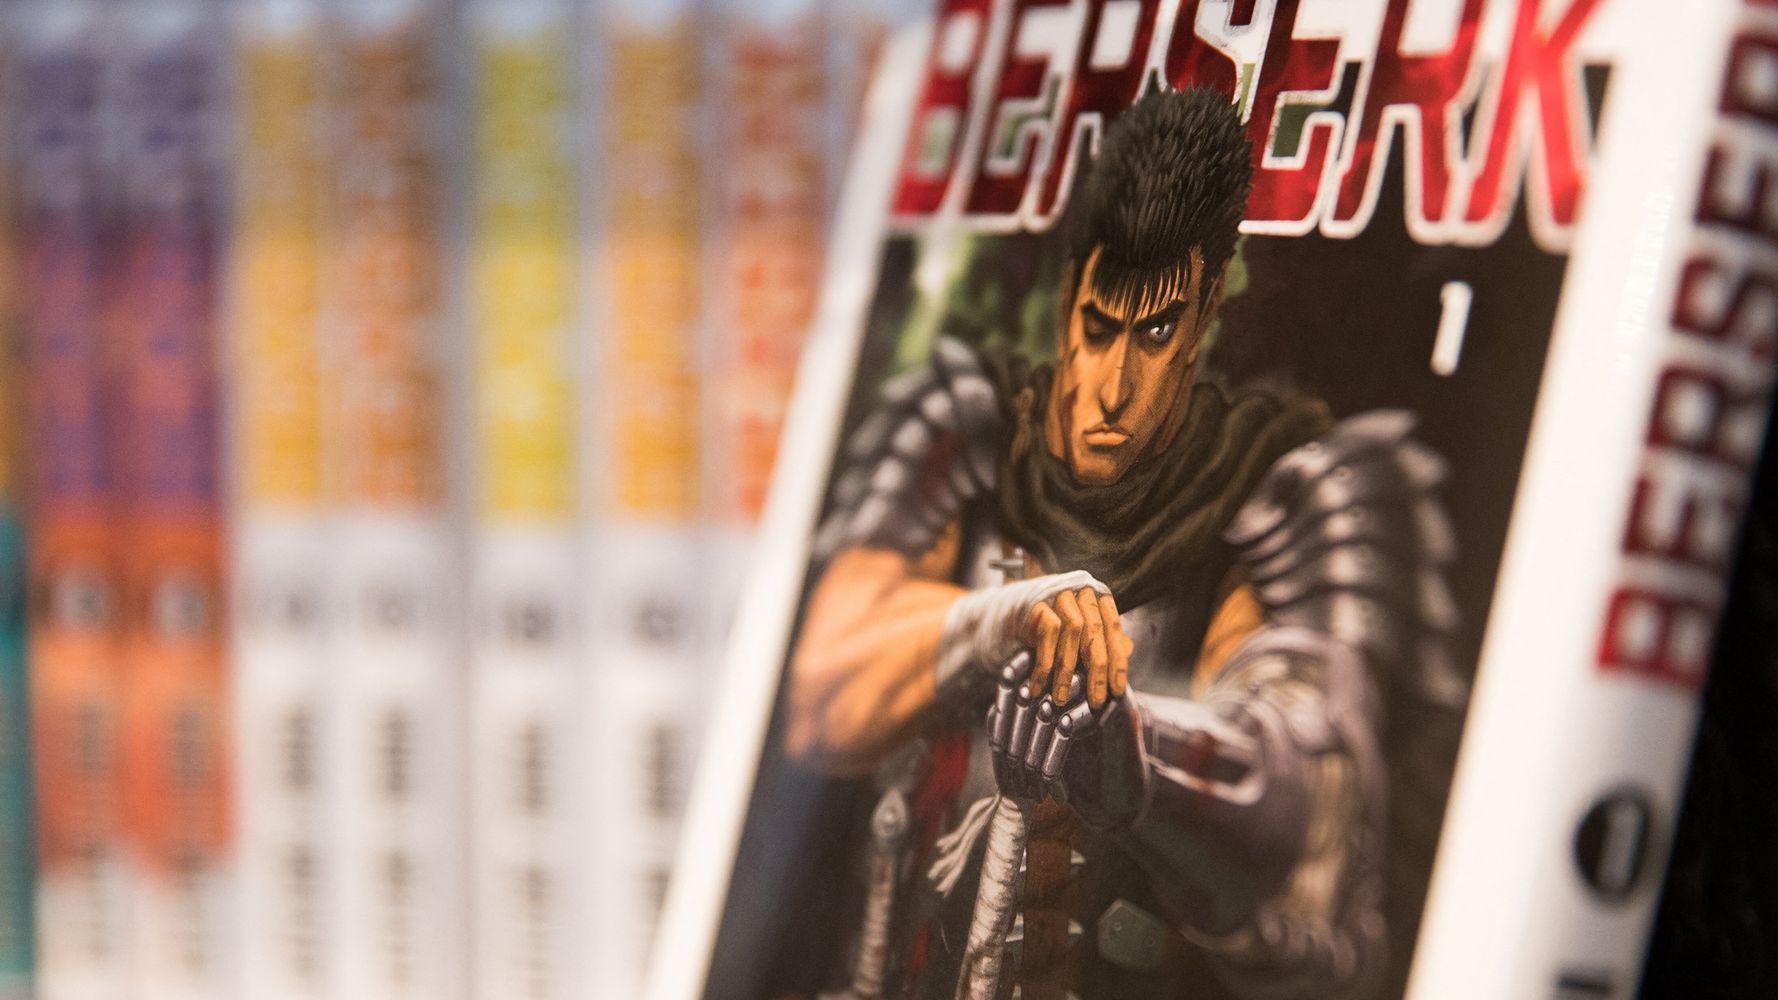 Game thủ khắp thế giới thương tiếc cha đẻ manga 'Berserk'